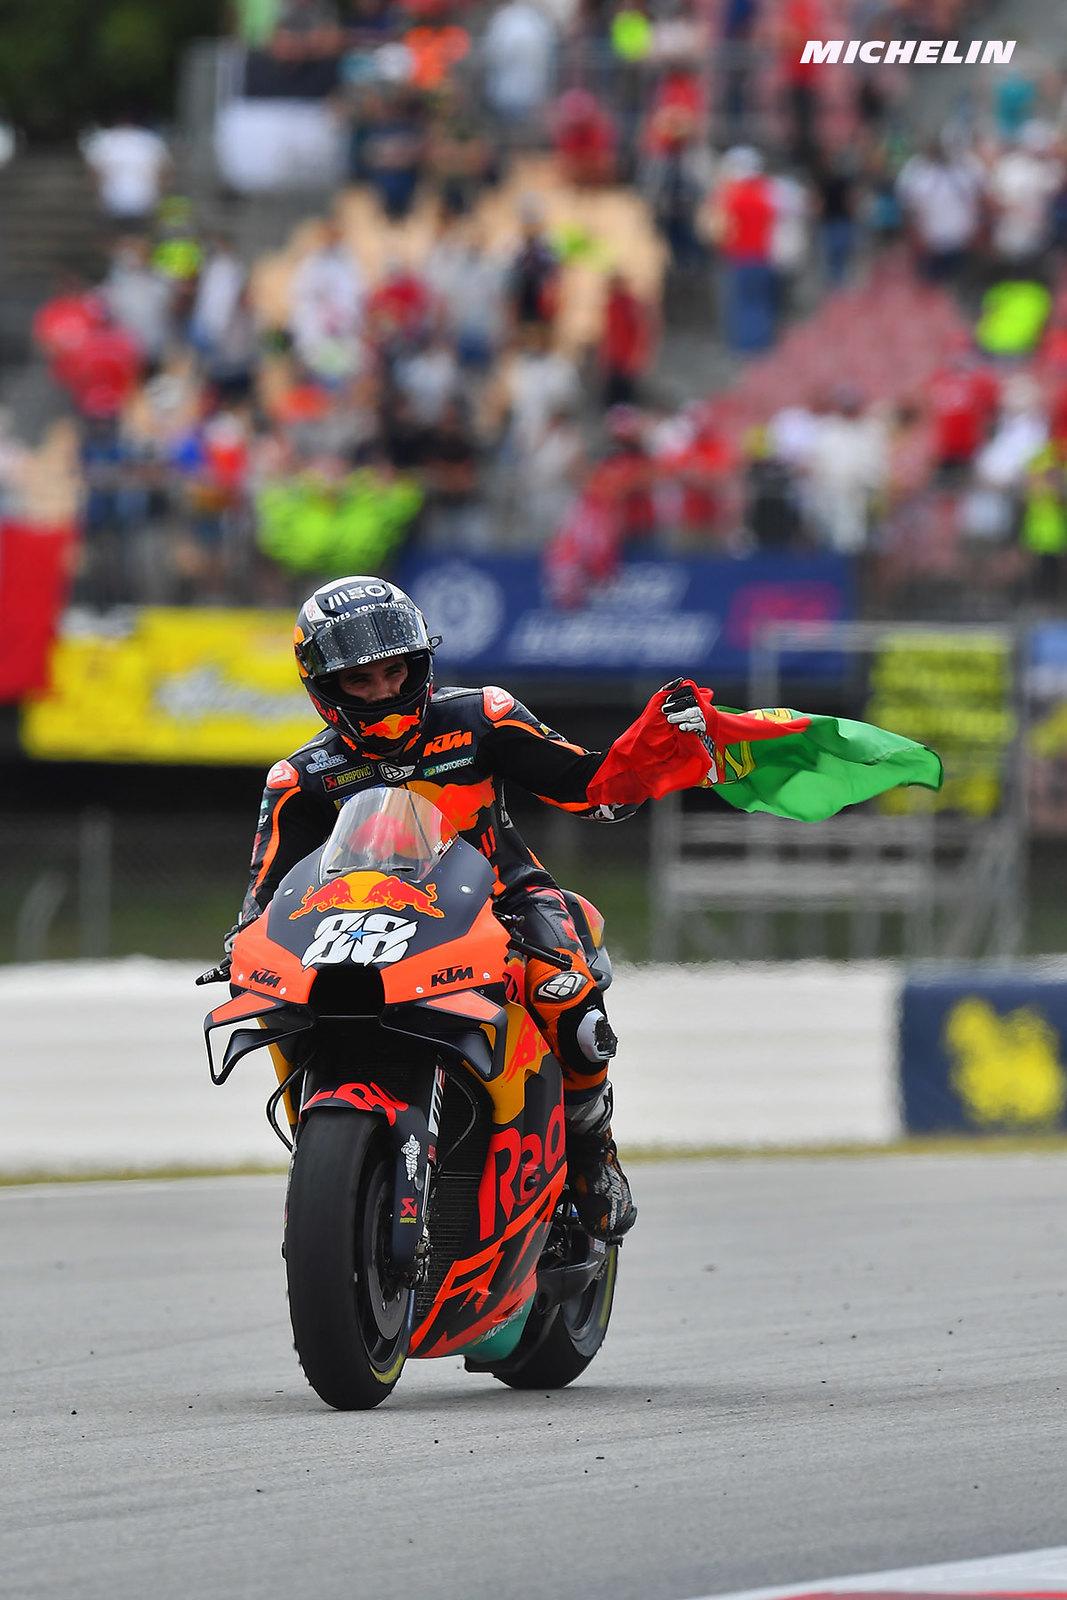 MotoGP2021カタルーニャGP ミゲル・オリヴェイラ「一番難しかったのは、メンタル面で落ち着いてレースをすること」